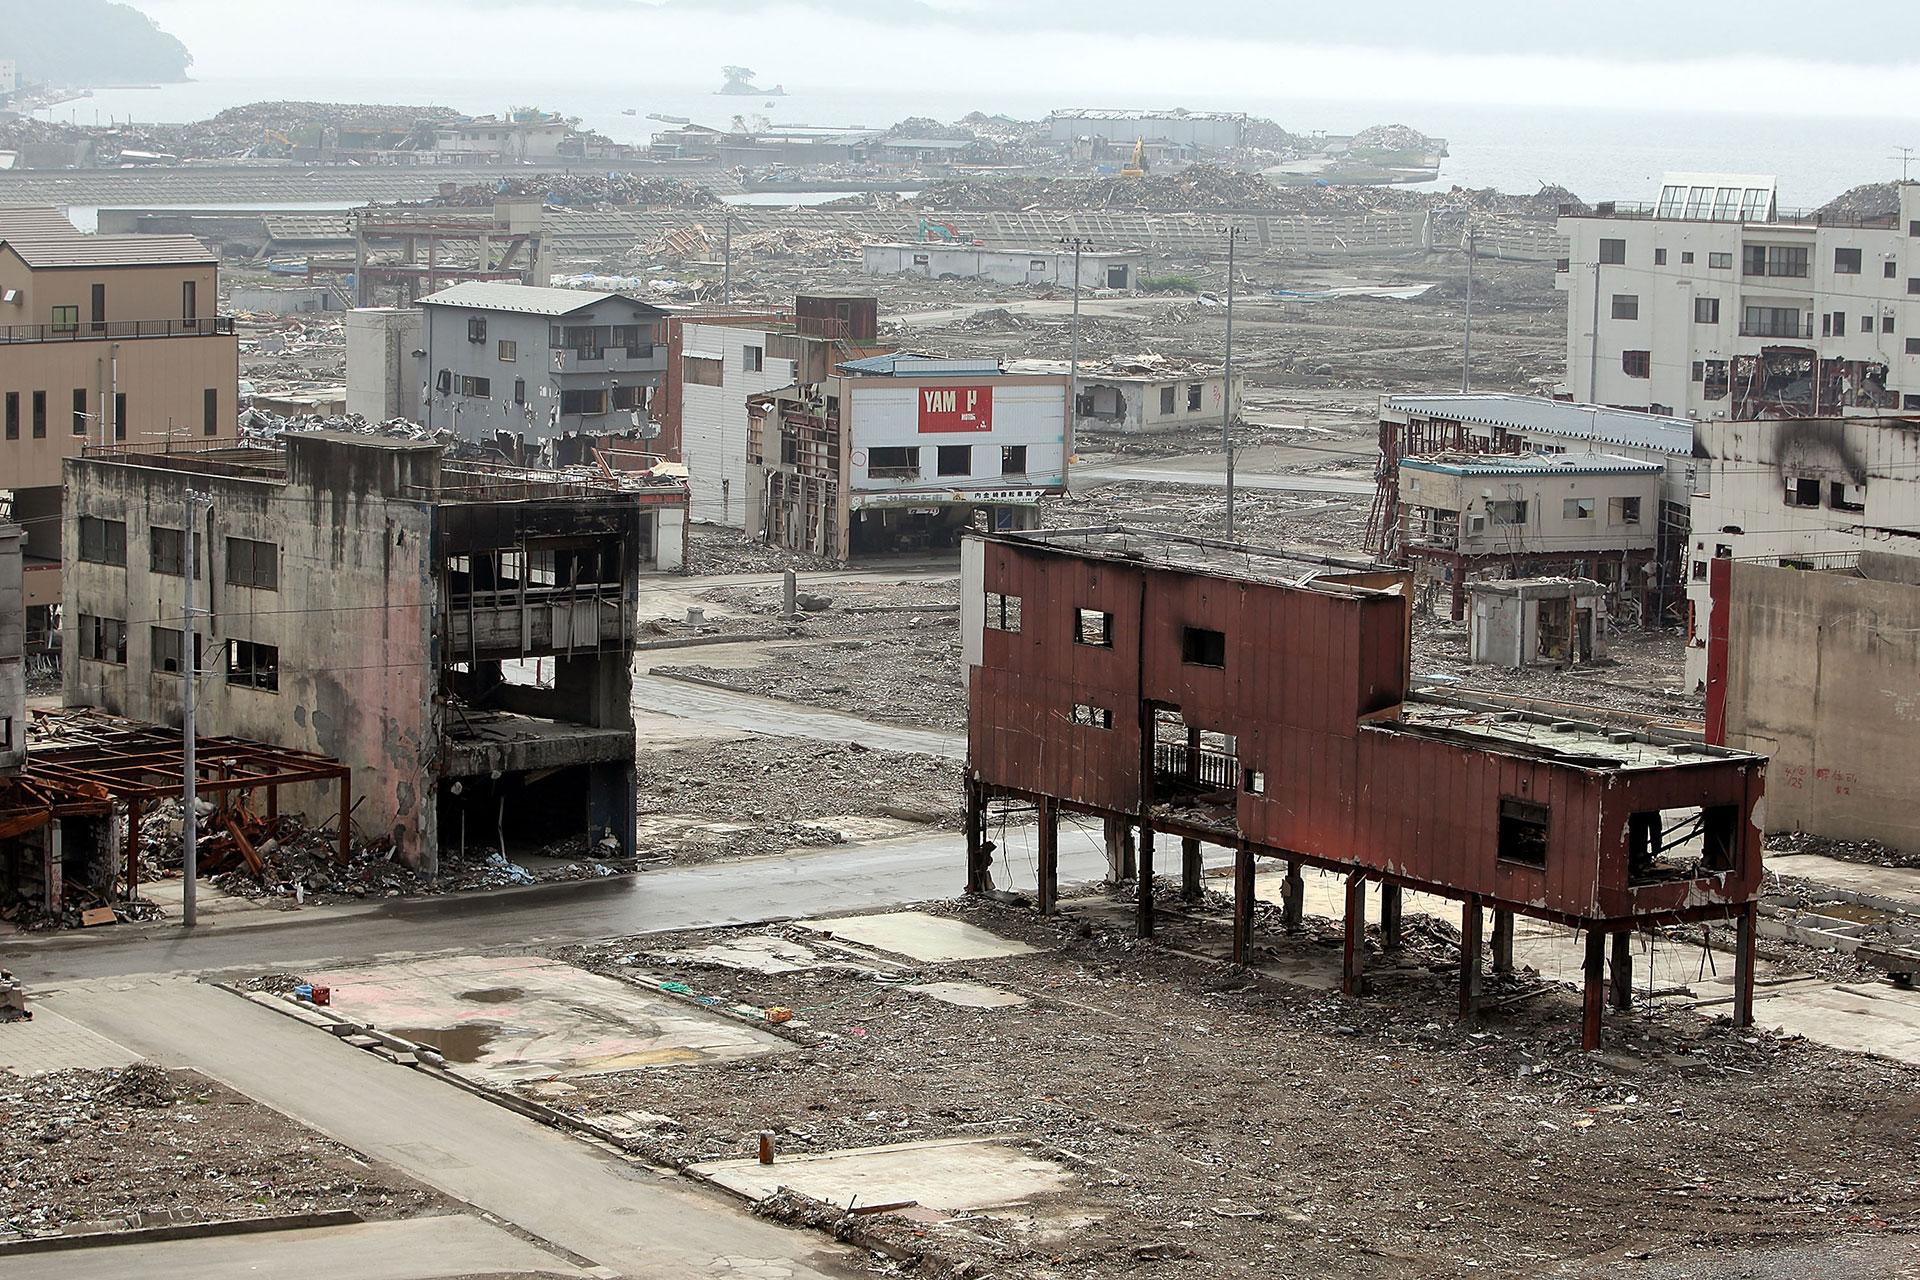 El 11 de marzo de 2011 una triple catástrofe azotó Fukushima, que es hoy apenas uncementerio de cosas